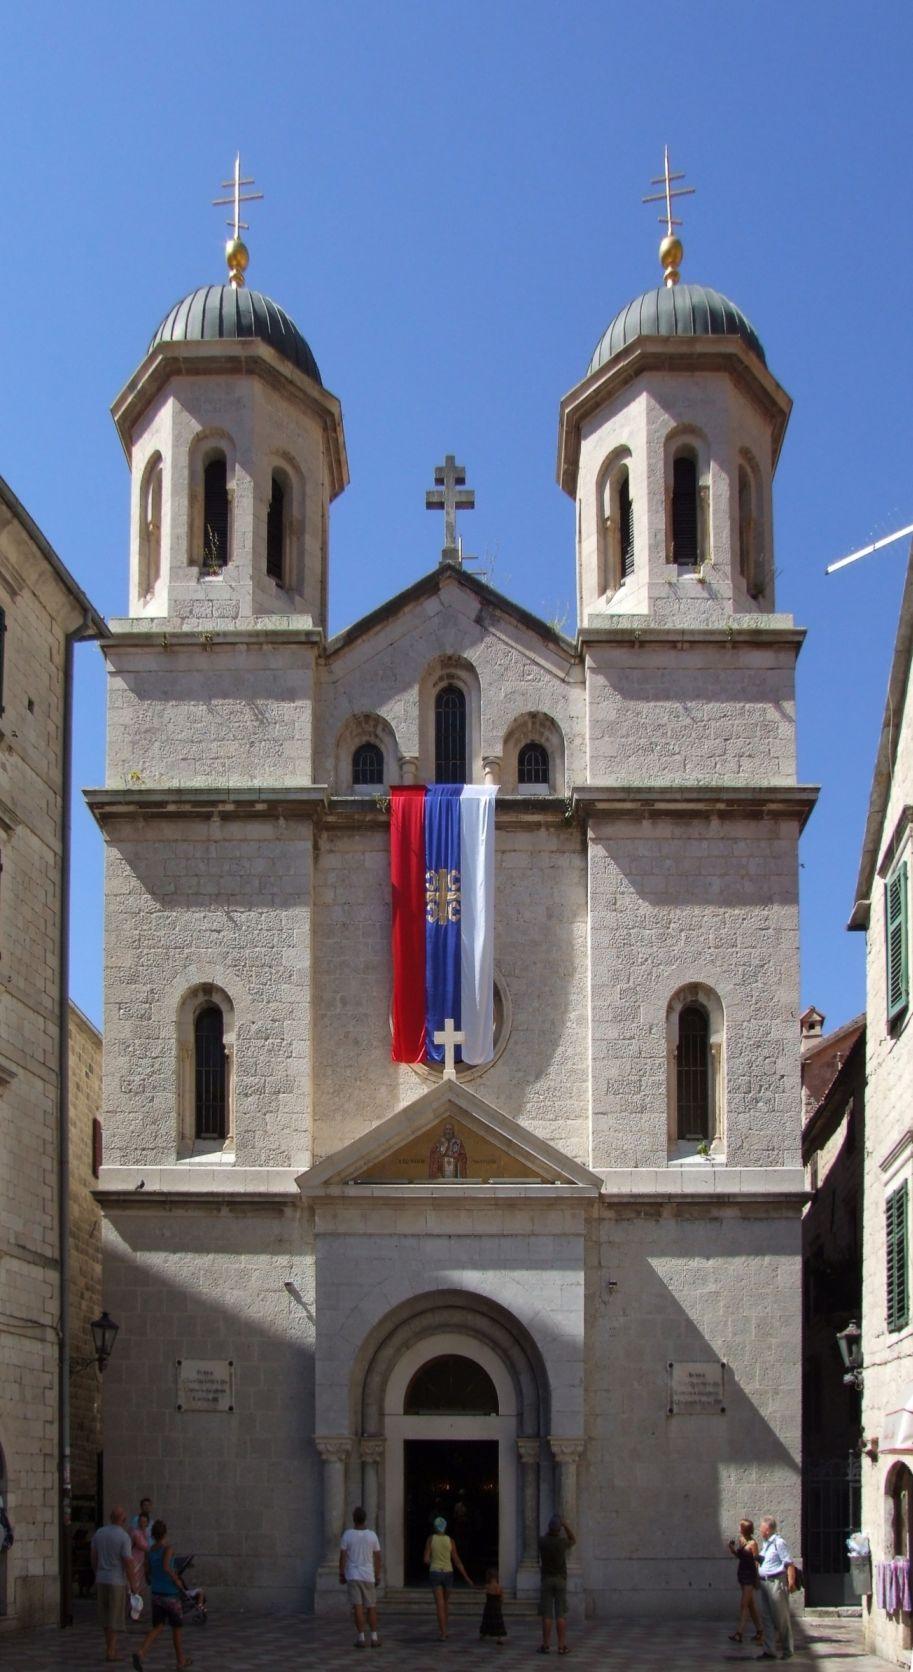 Kotor, Montenegro - Explore Croatia Bosnia Montenegro Albania Greece by cultural tour 21 days. Monterrasol Travel small group minivan tour.